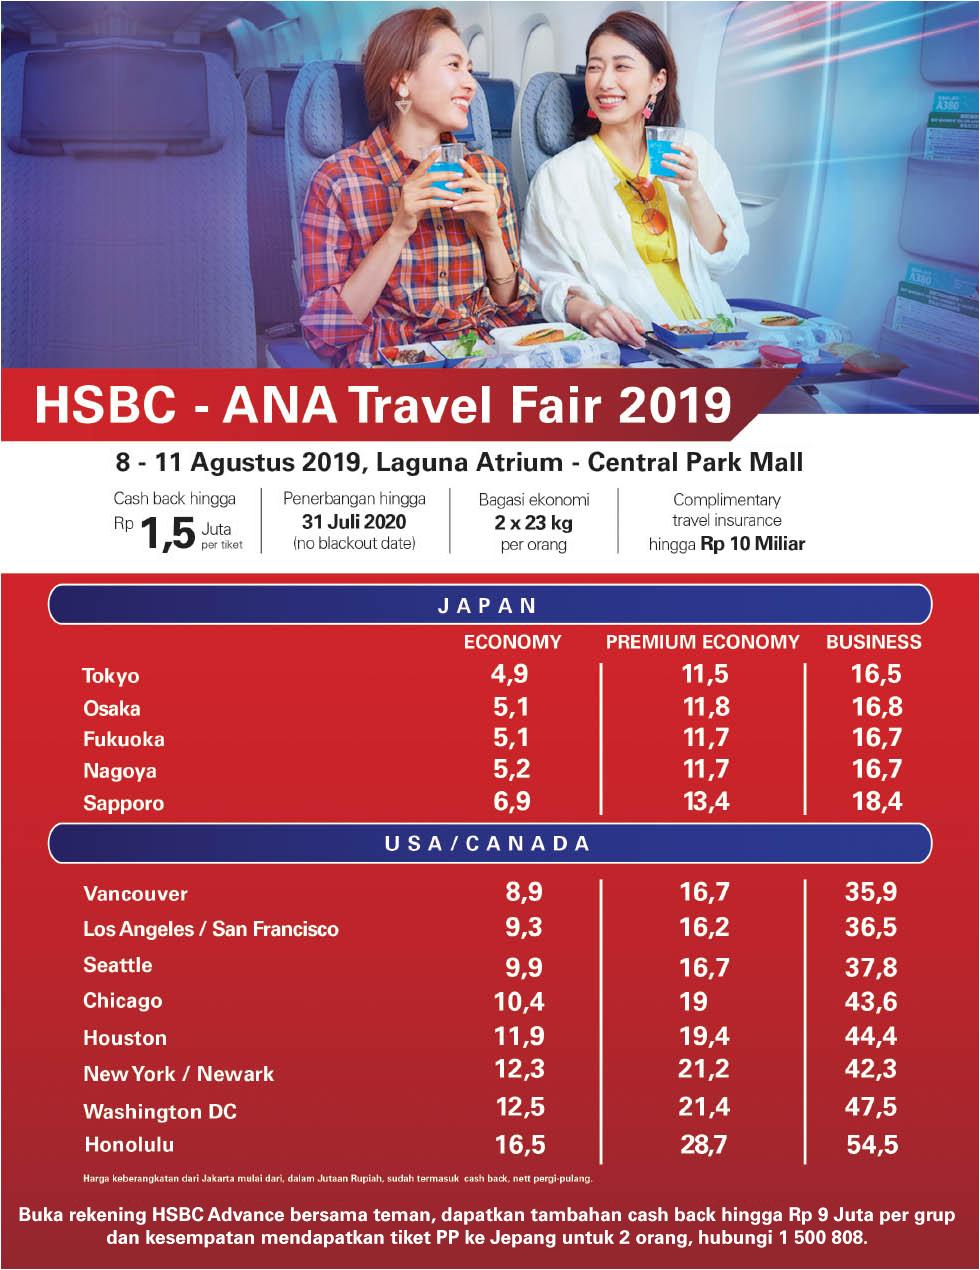 Jadwal Dan Promo Cashback Hsbc Ana Travel Fair 2019 Blog Antavaya